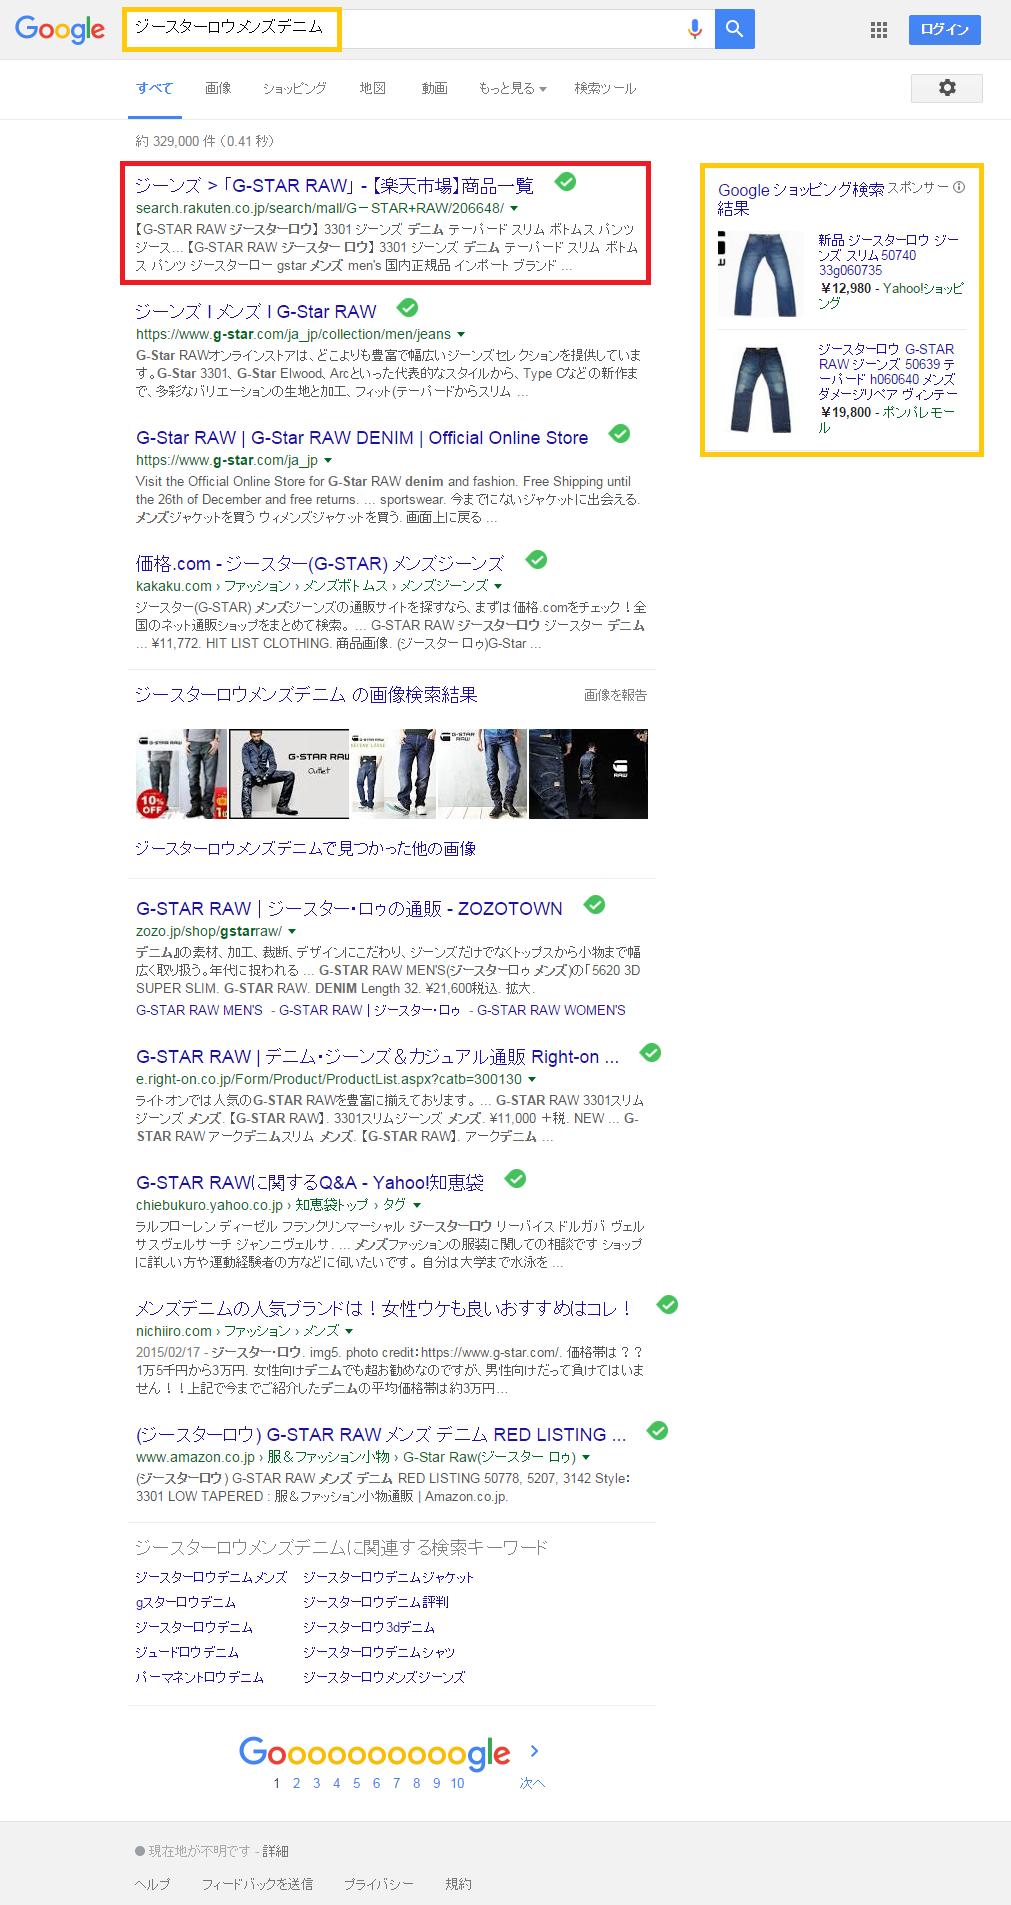 ジースターロウメンズデニム   Google 検索.png